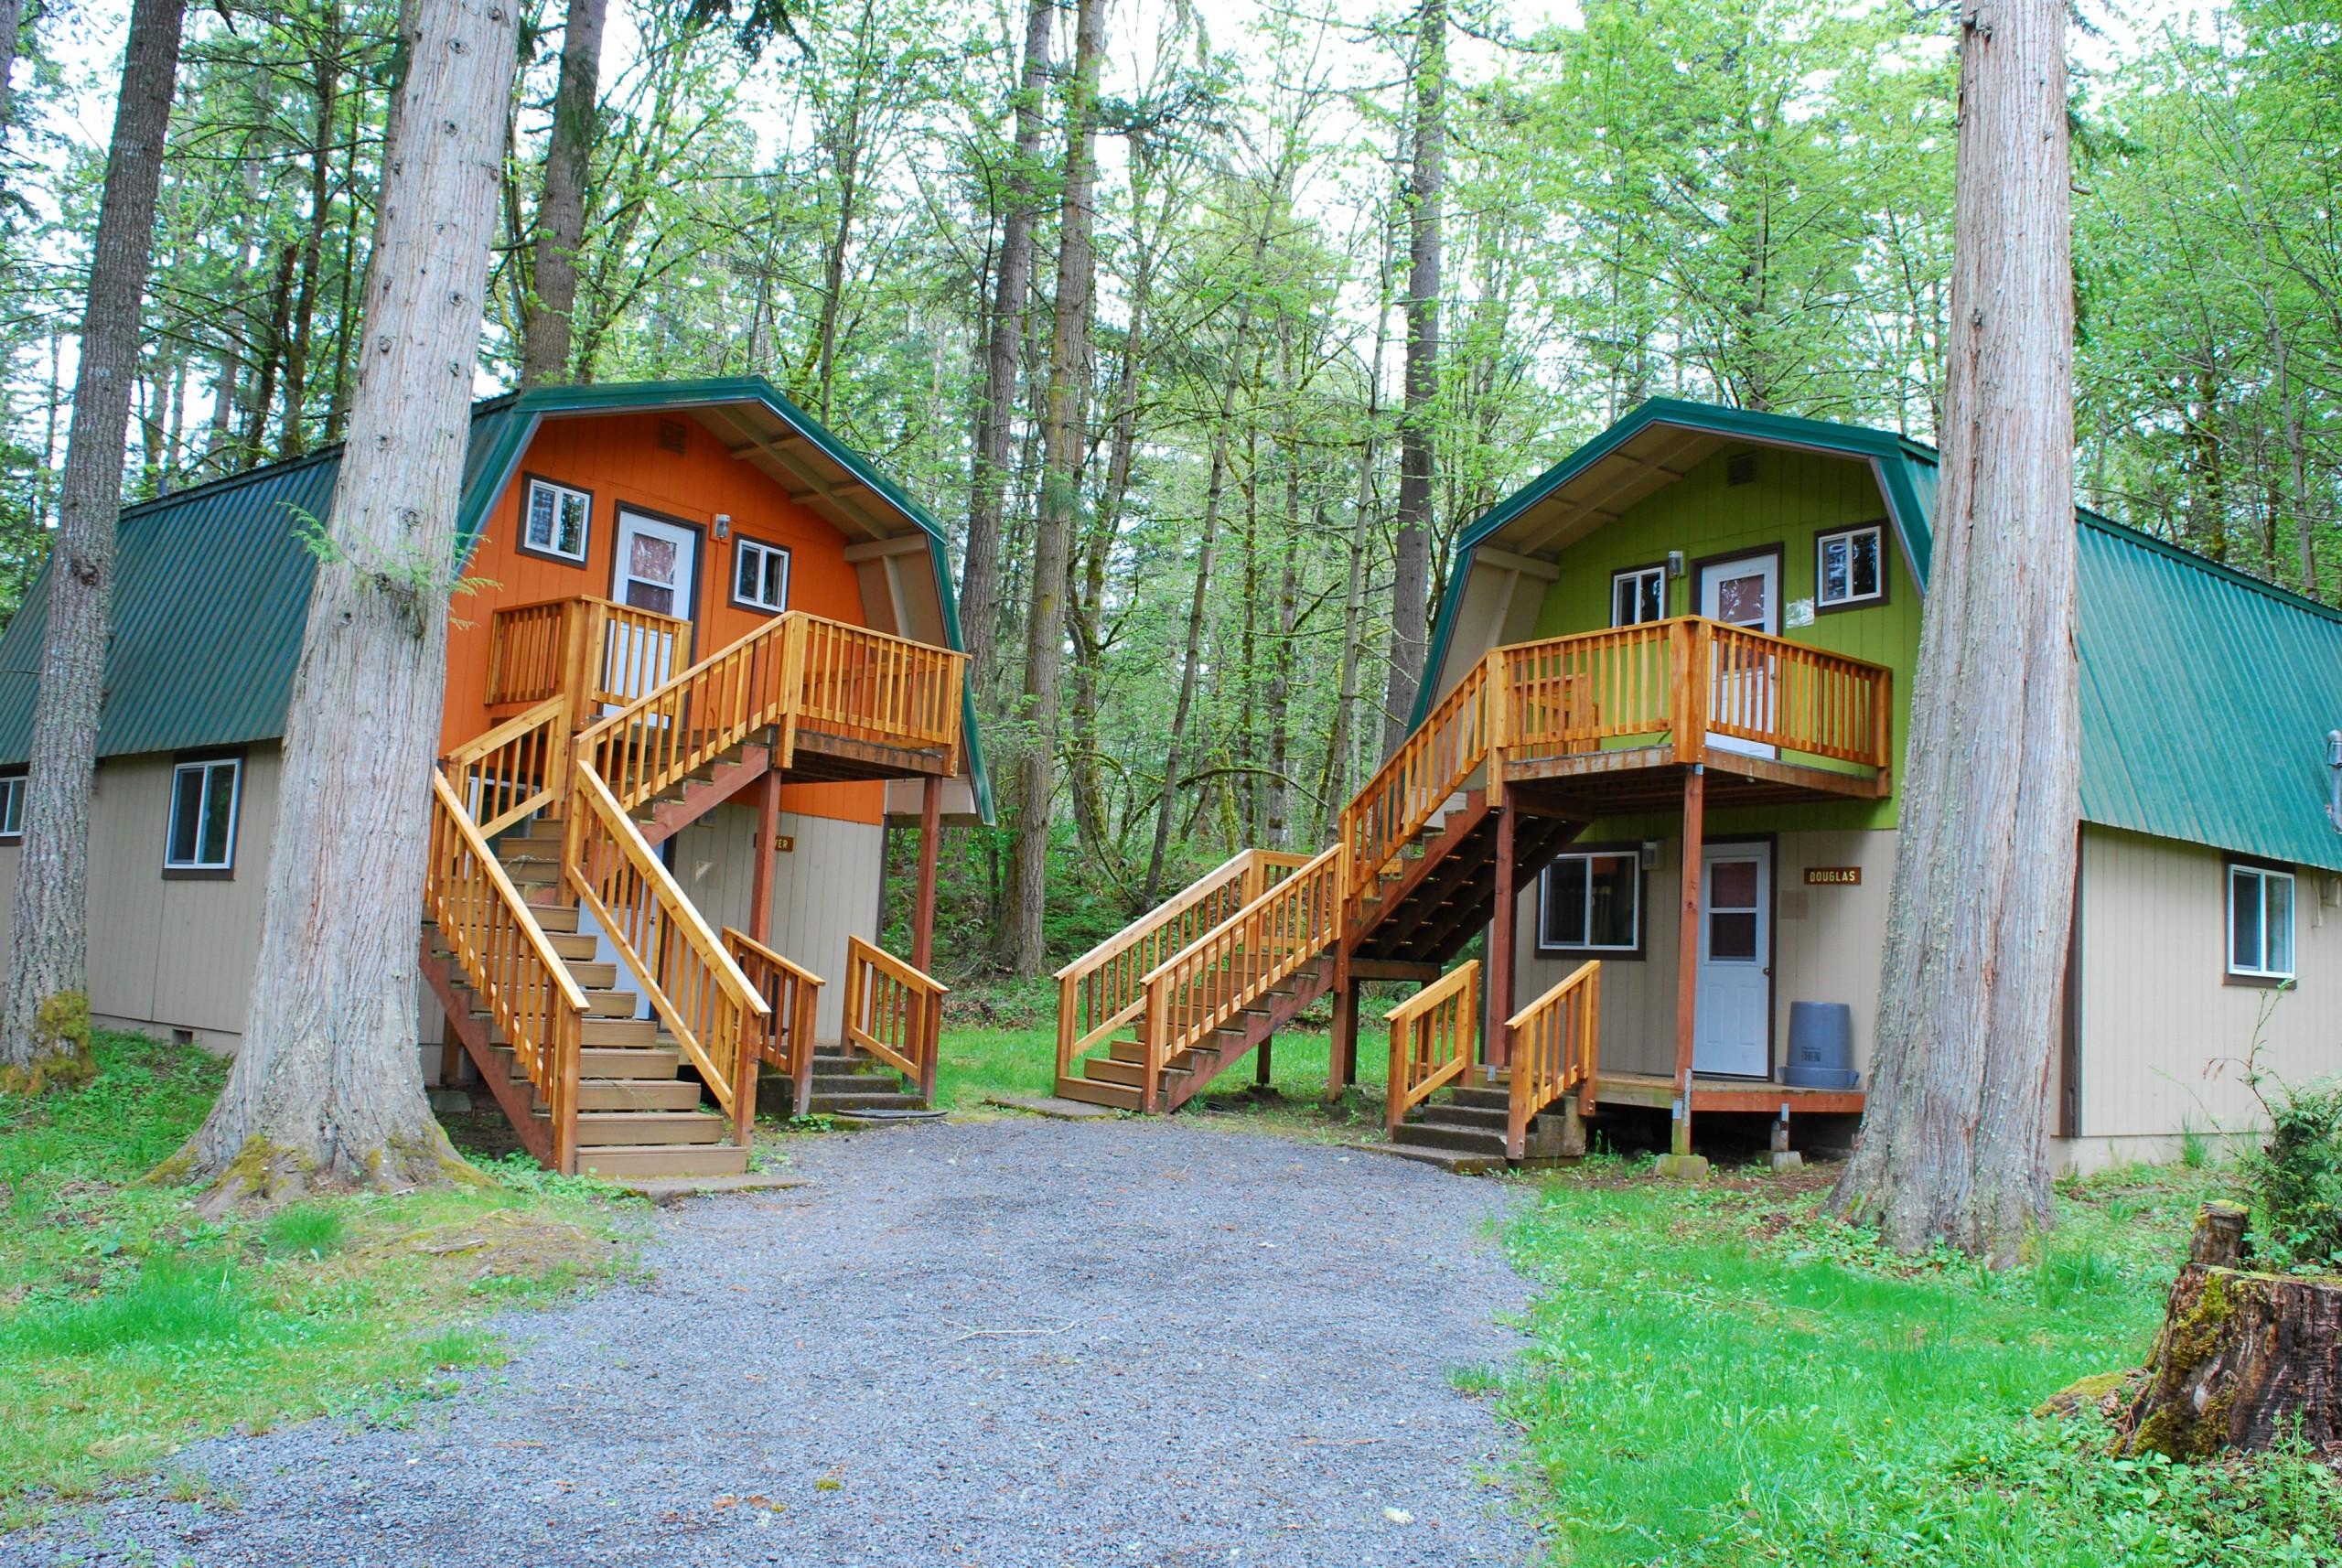 Fir Grove Cabins